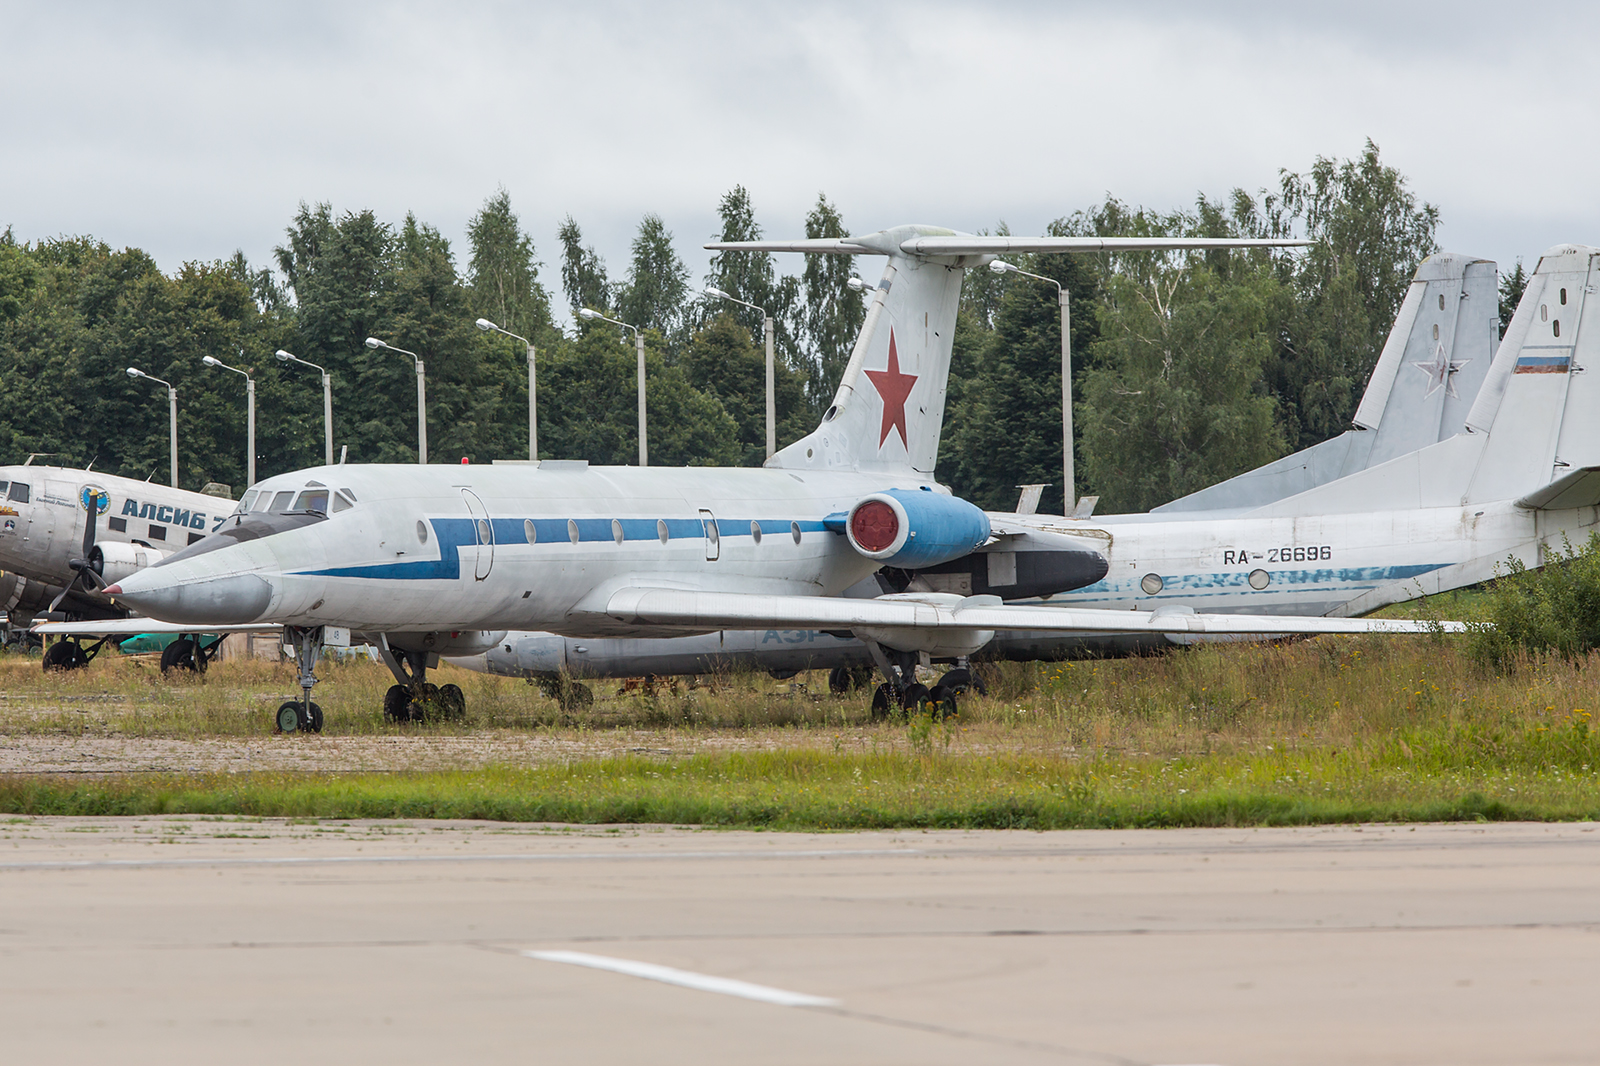 Die Tupolev Tu-1324UB-L dient der Ausbildung der Bomberbesatzungen.